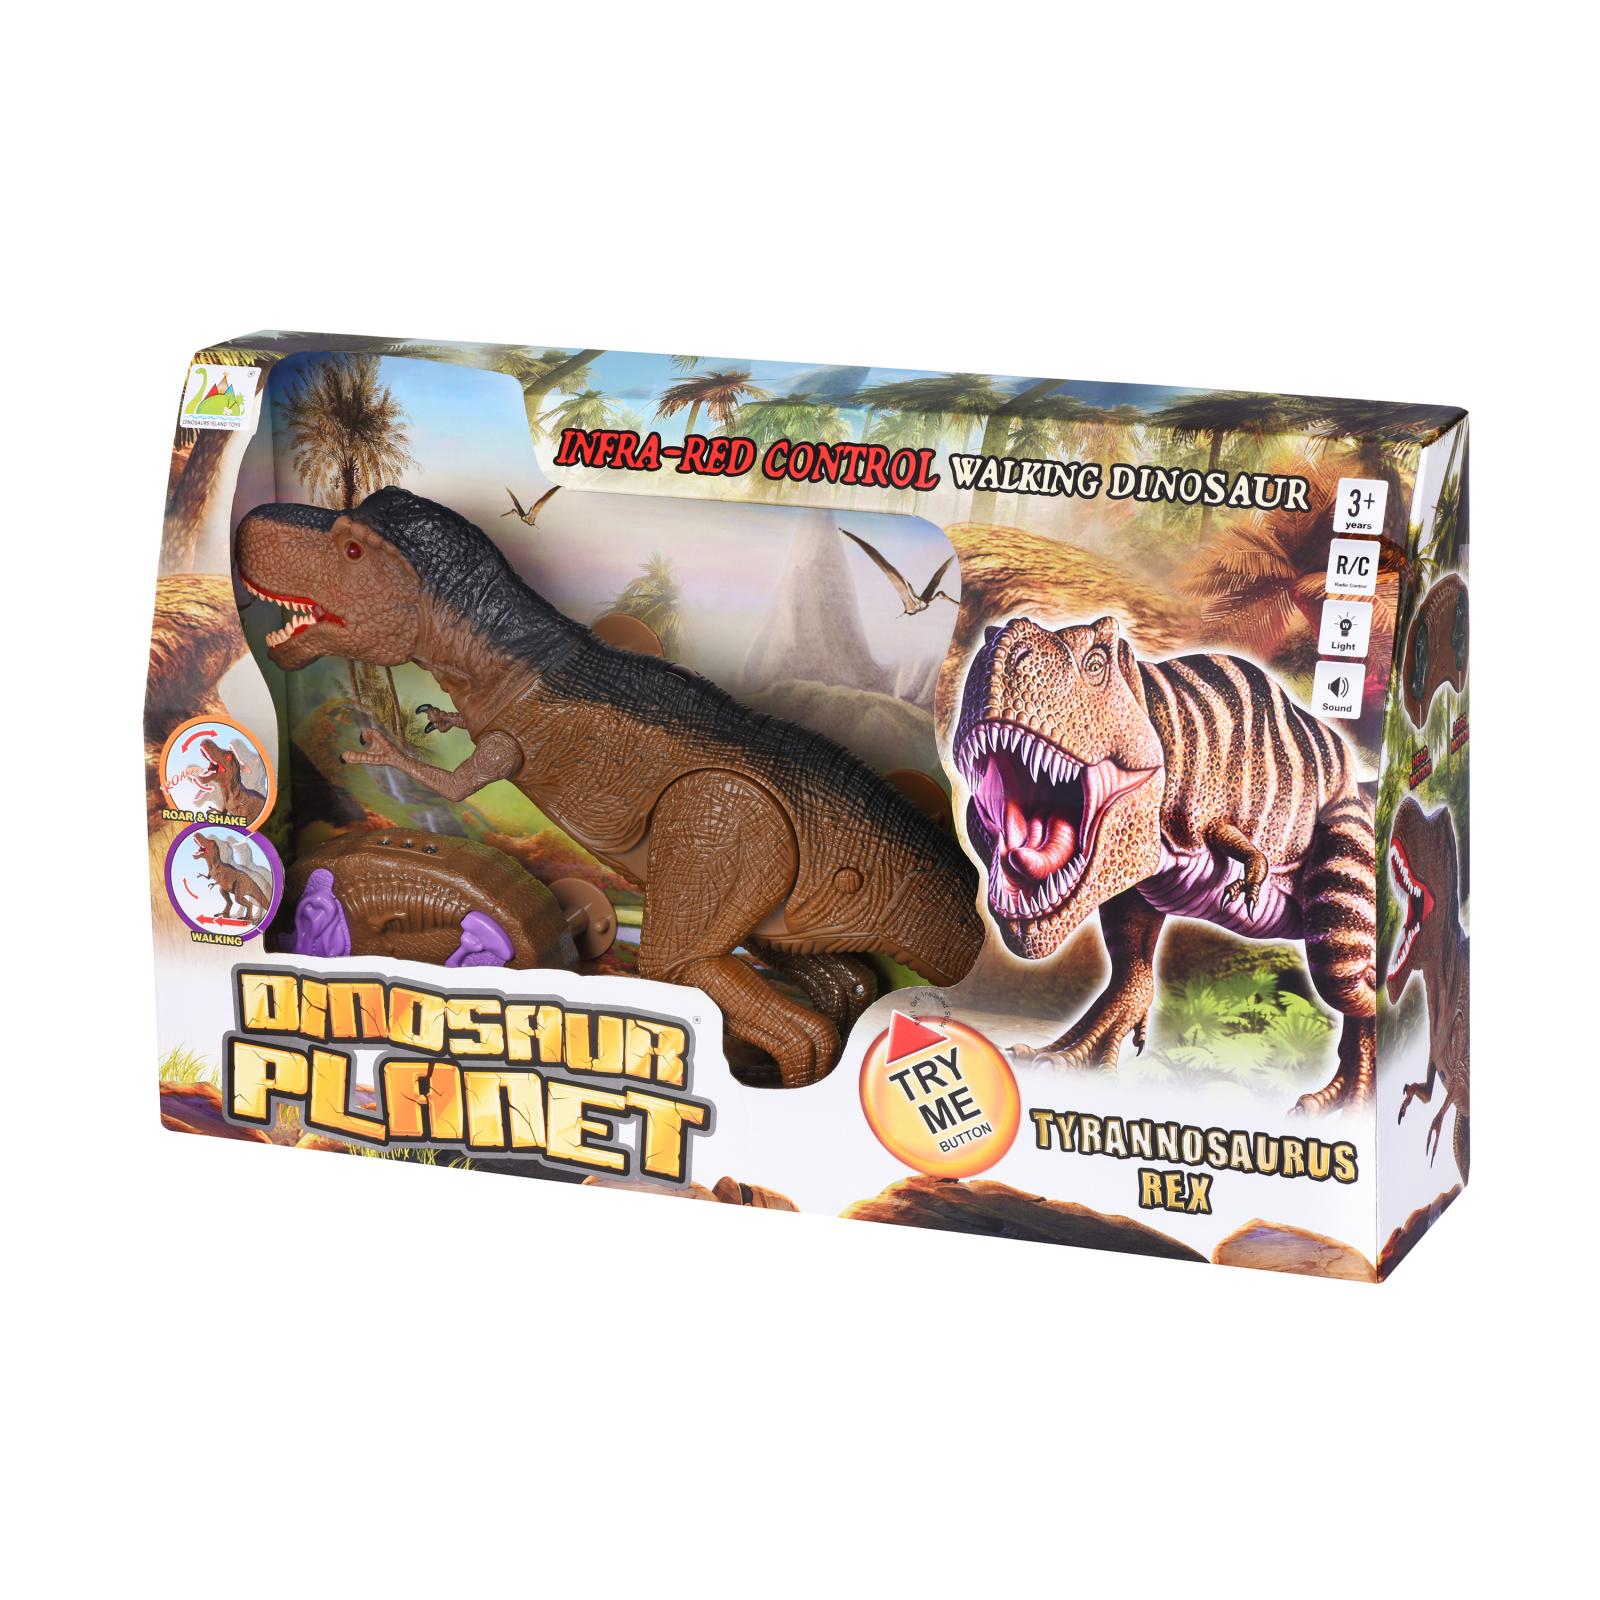 Интерактивная игрушка Same Toy Динозавр Dinosaur Planet коричневый со светом и звуком (RS6133Ut) изображение 11